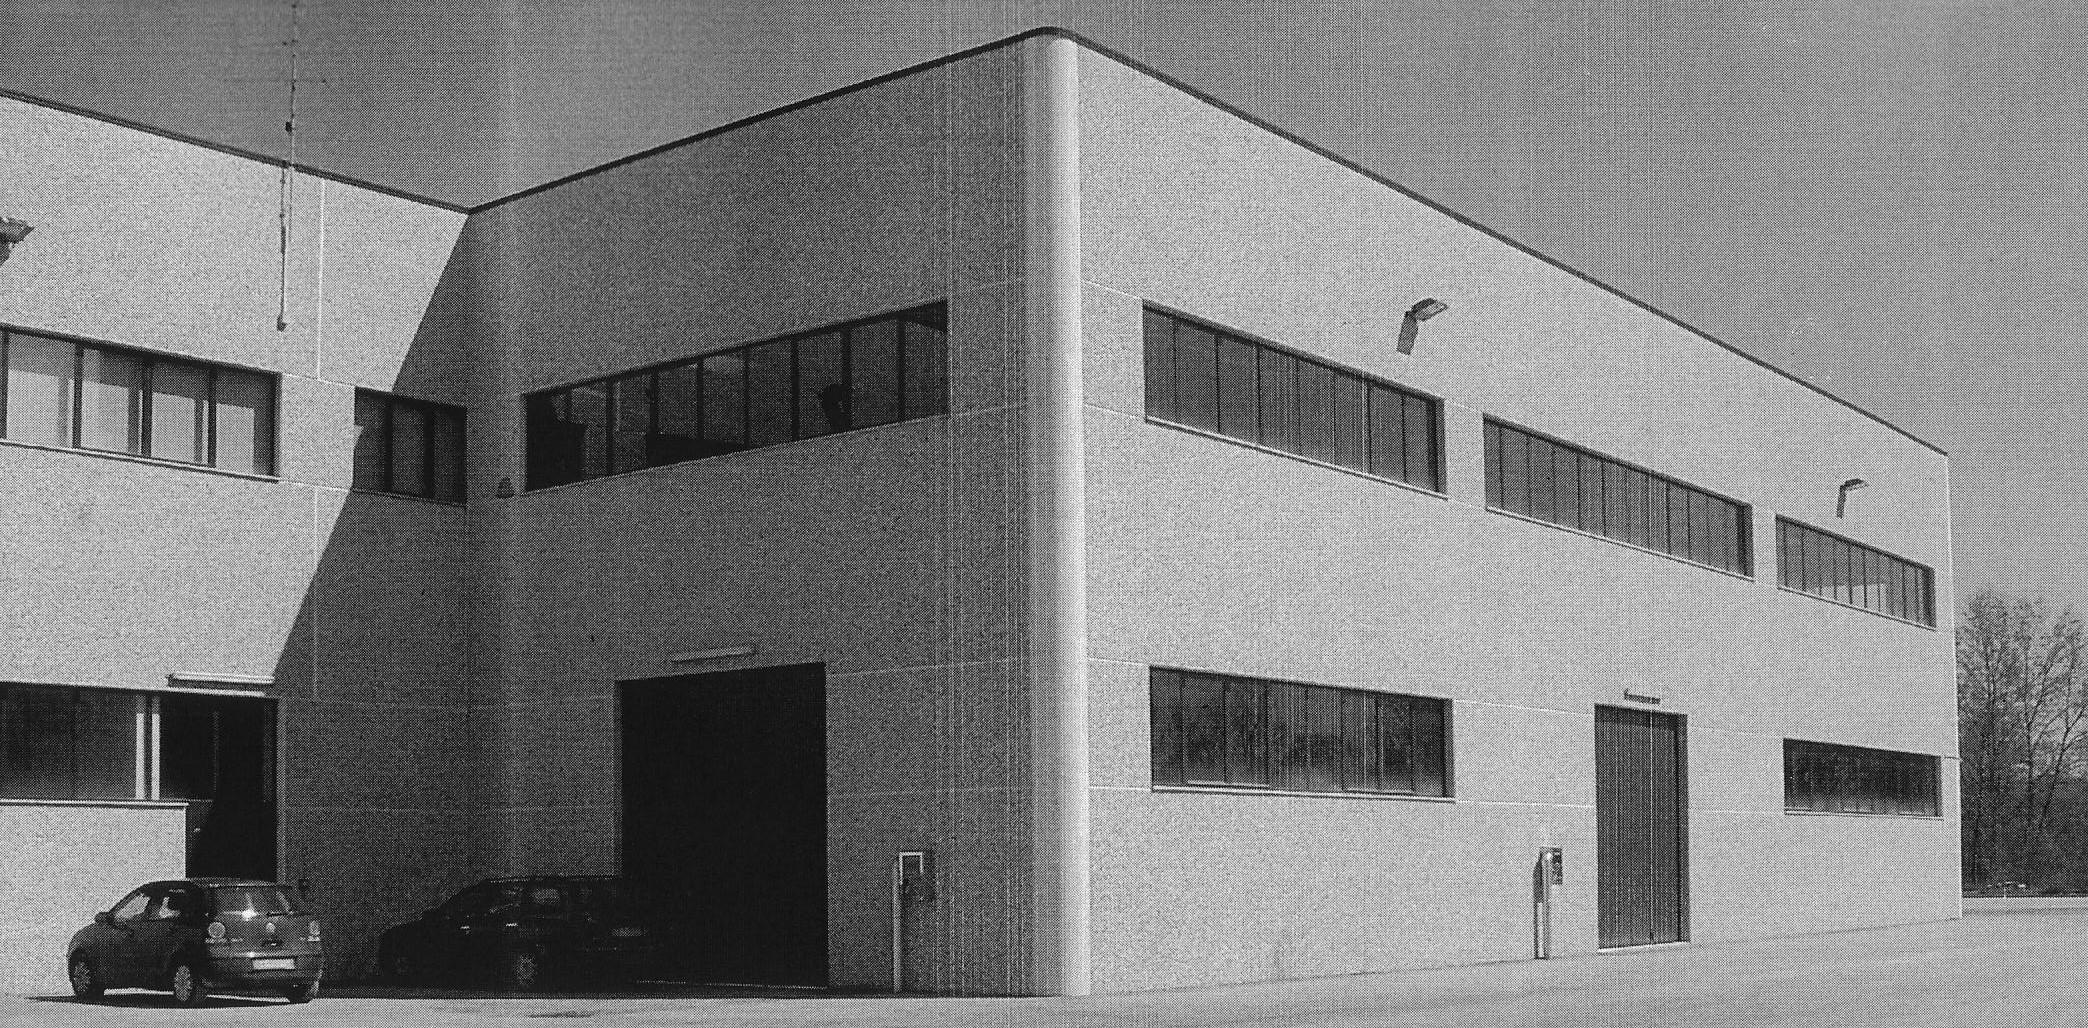 Centro servizi luisa for Capannone moderno